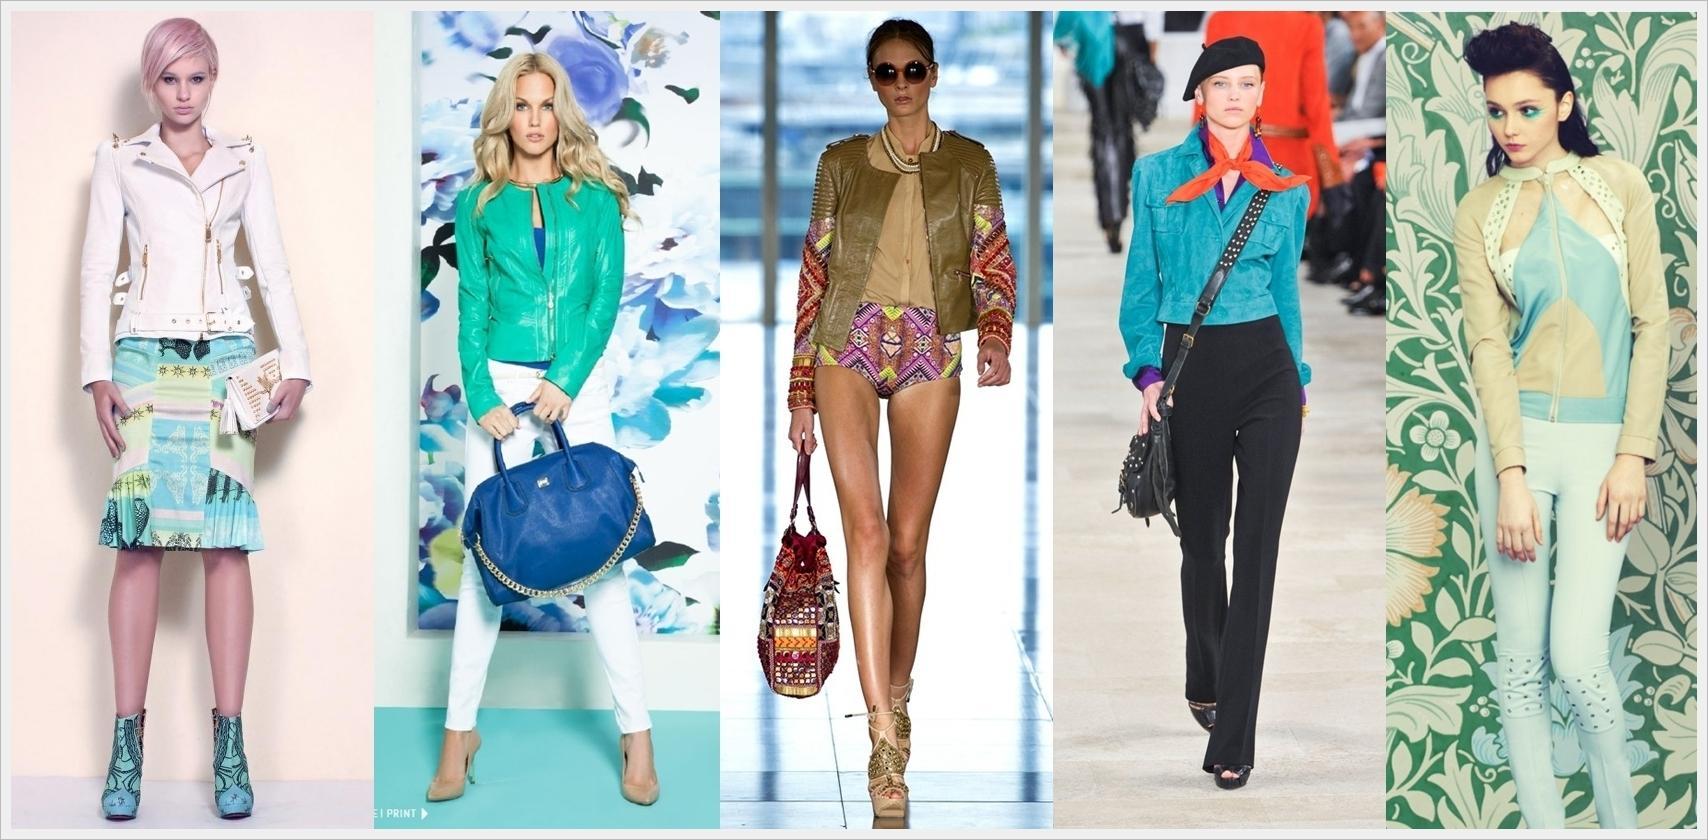 Какой цвет в моде в 2018 году летом фото